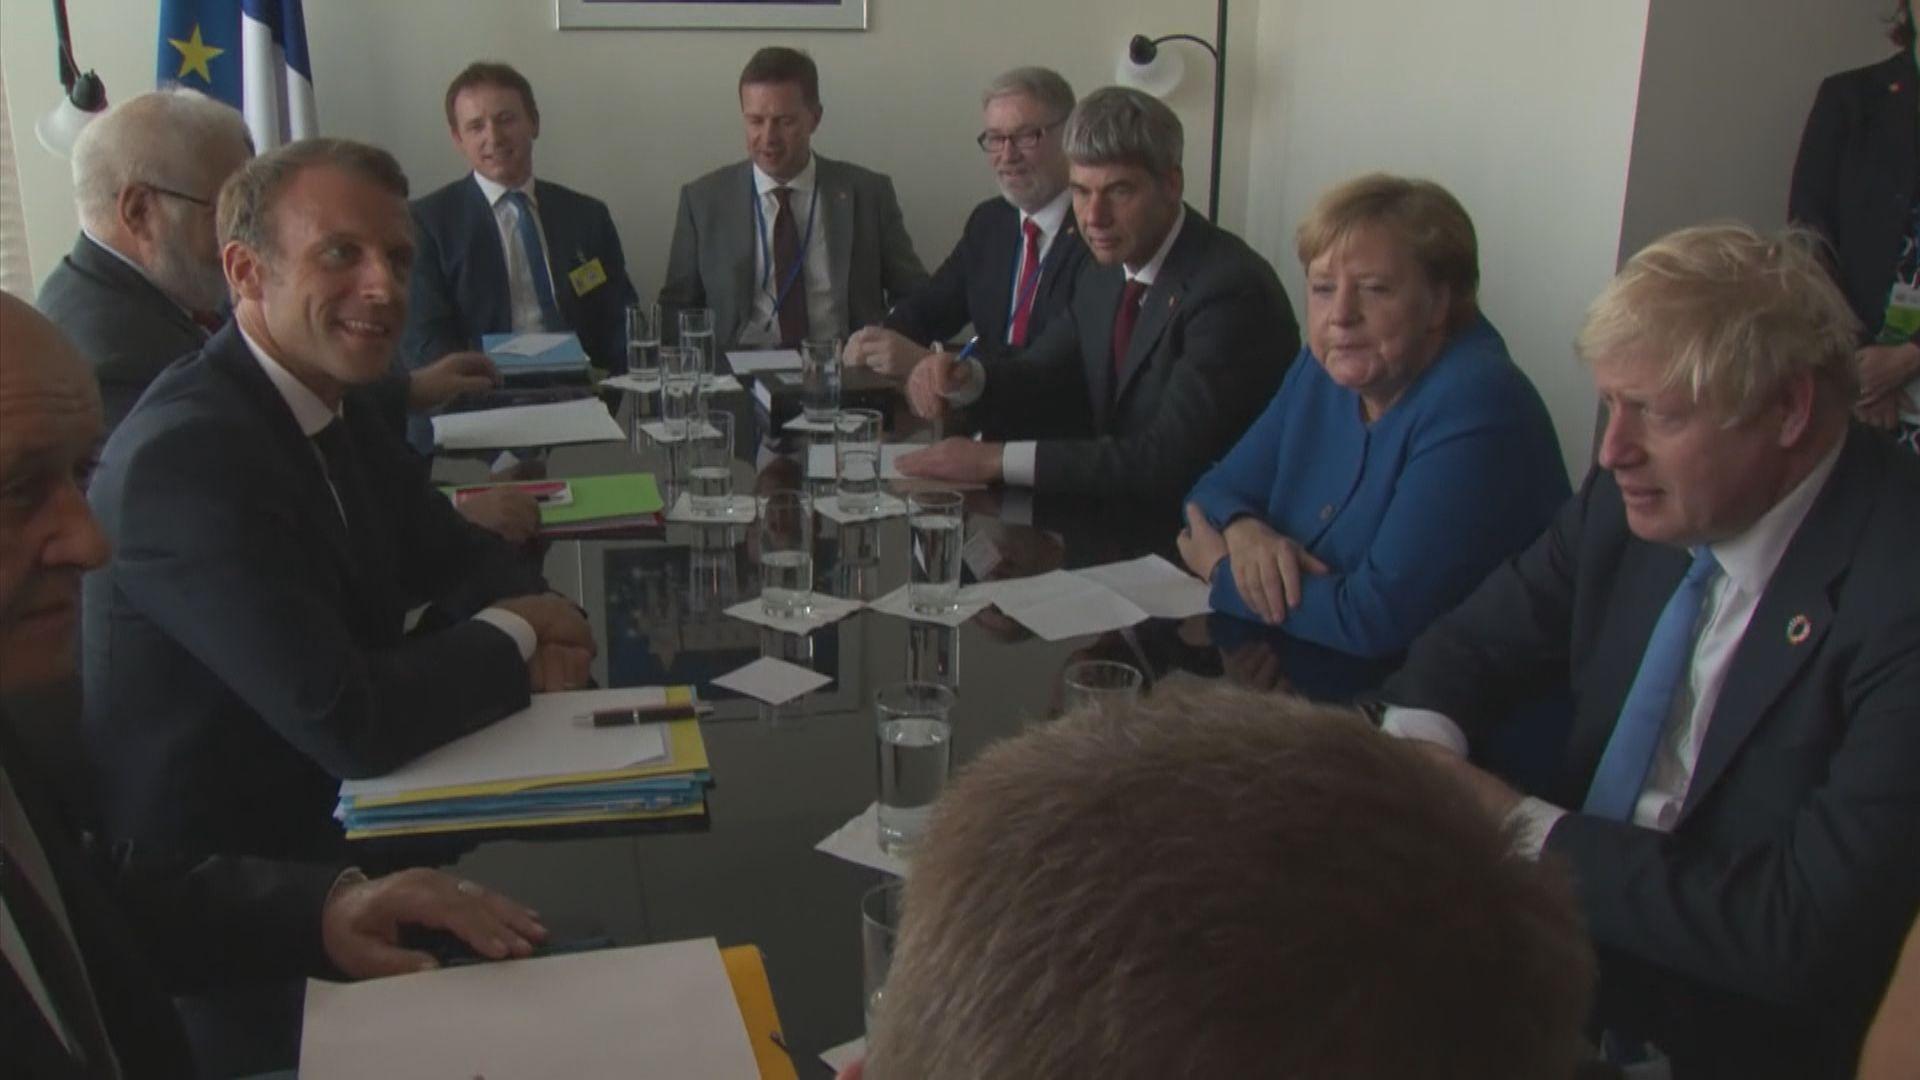 約翰遜據報將促請歐盟本周達成協議